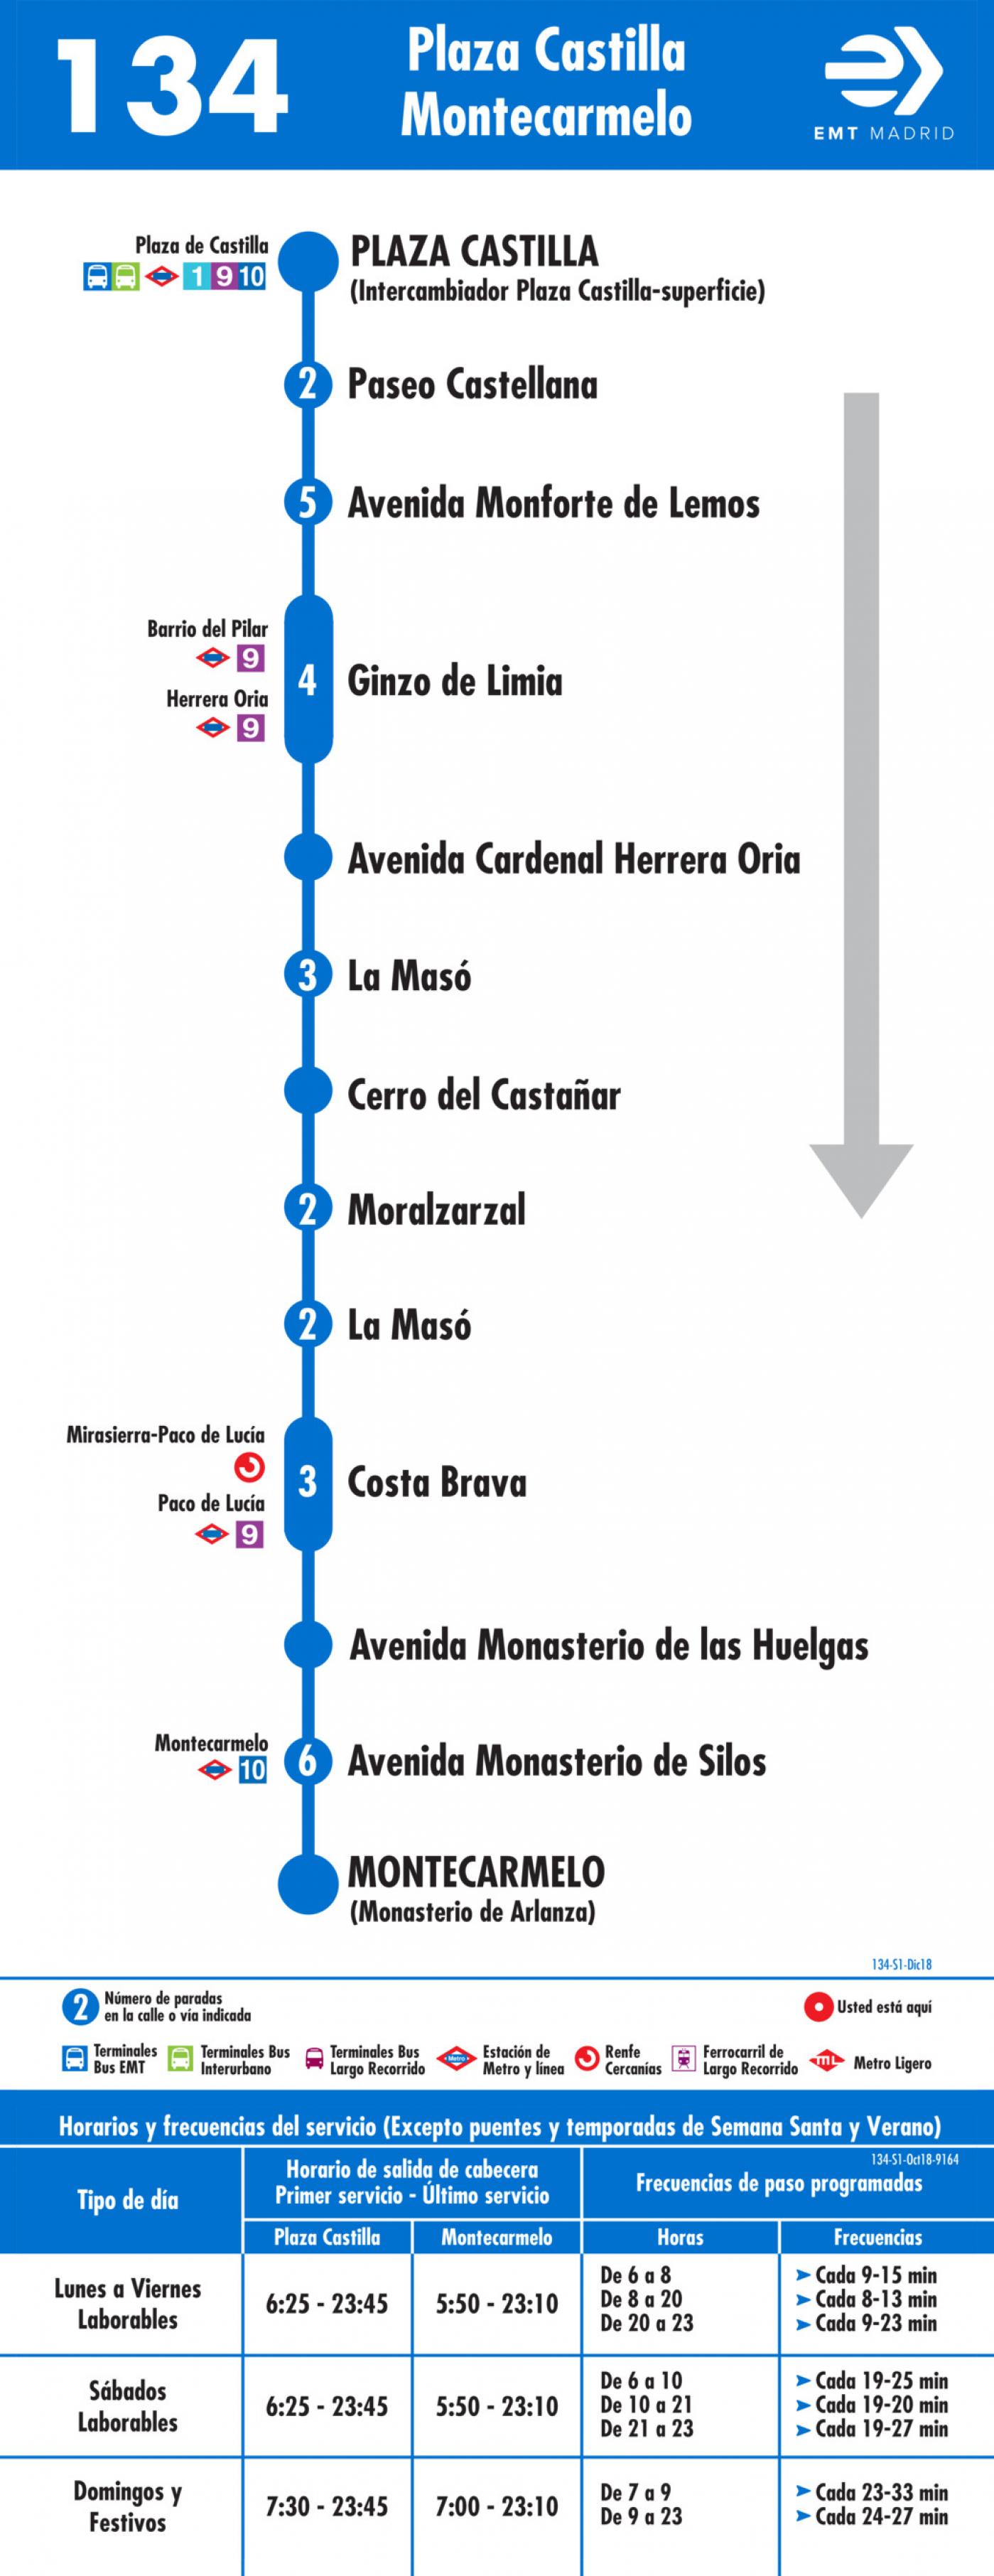 Tabla de horarios y frecuencias de paso en sentido ida Línea 134: Plaza de Castilla - Montecarmelo